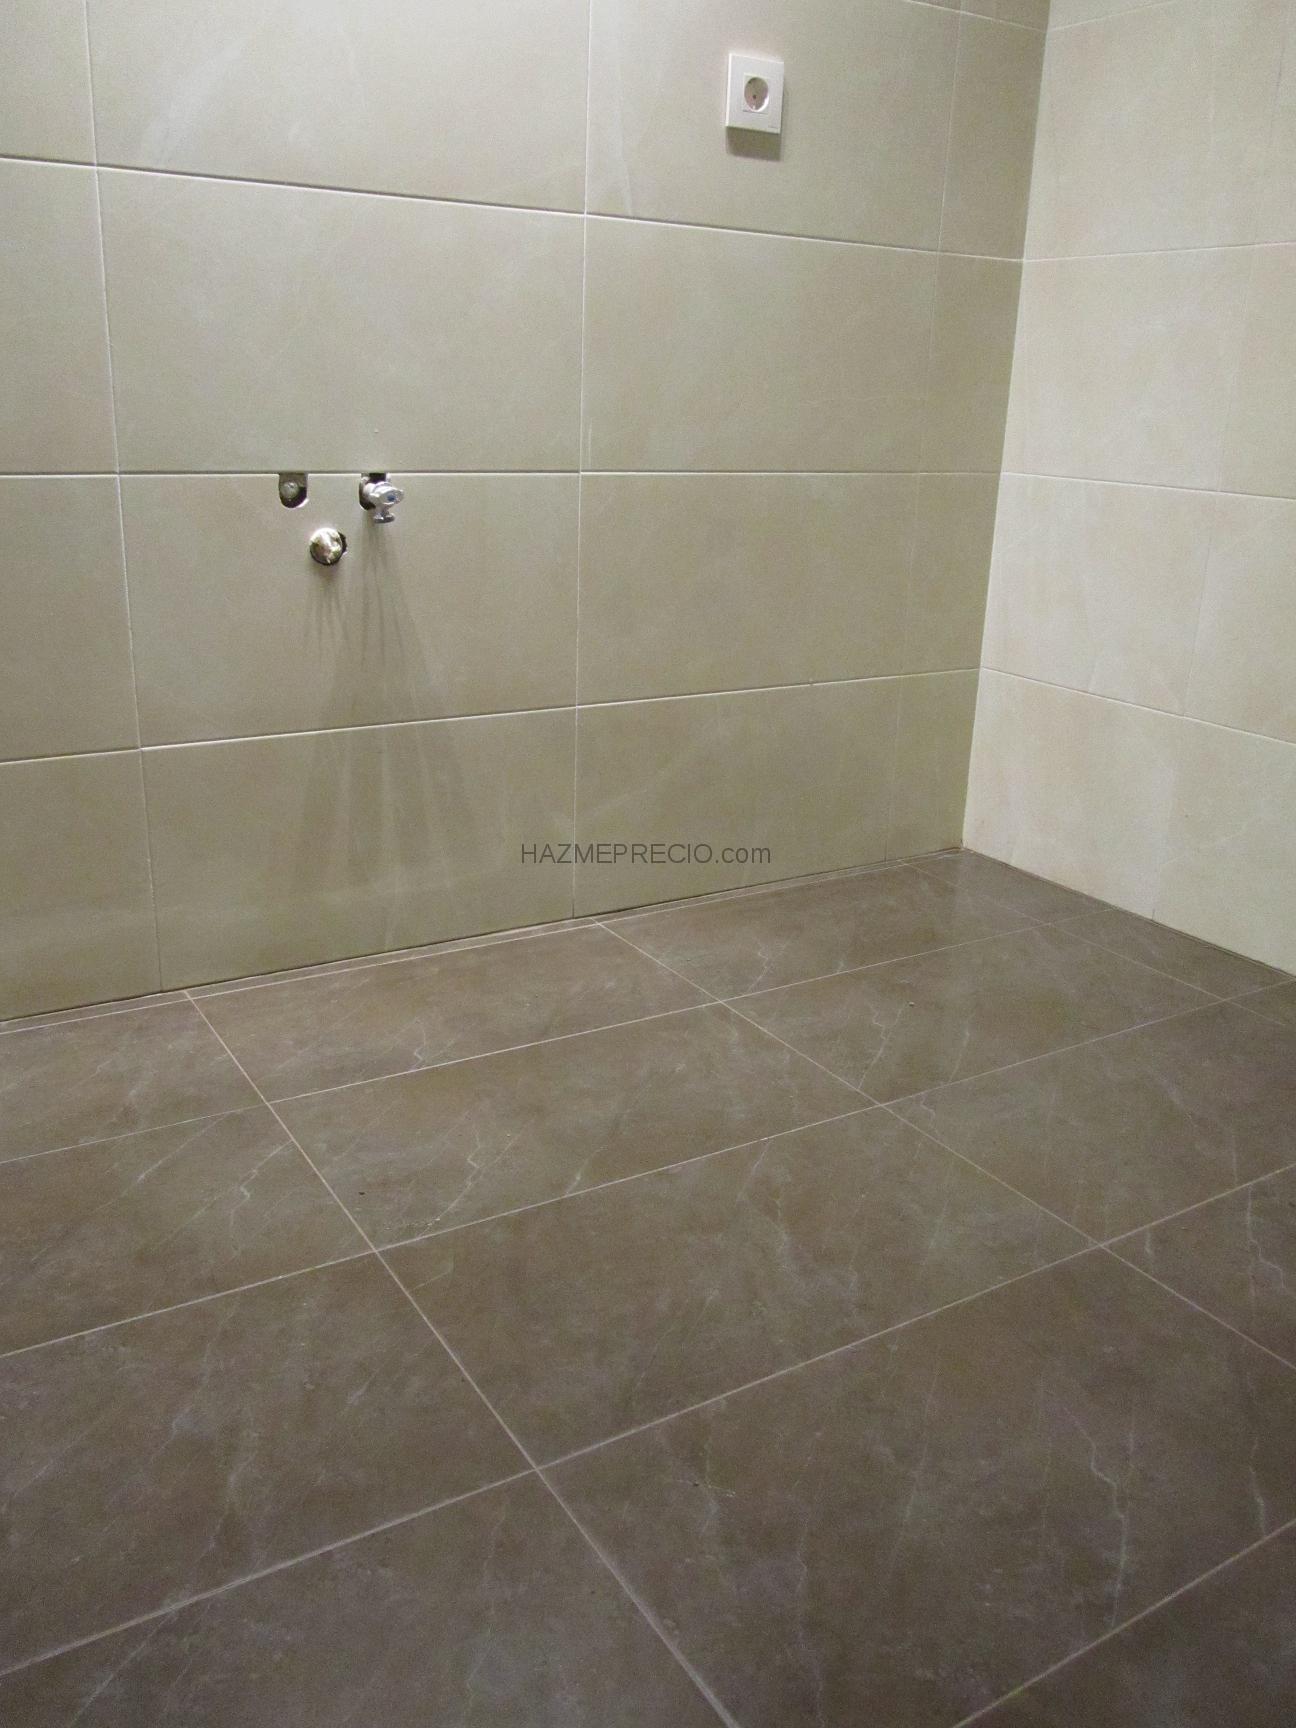 Quitar Baldosas Baño:Reforma baño completo en Valencia:Resultado final a la espera de